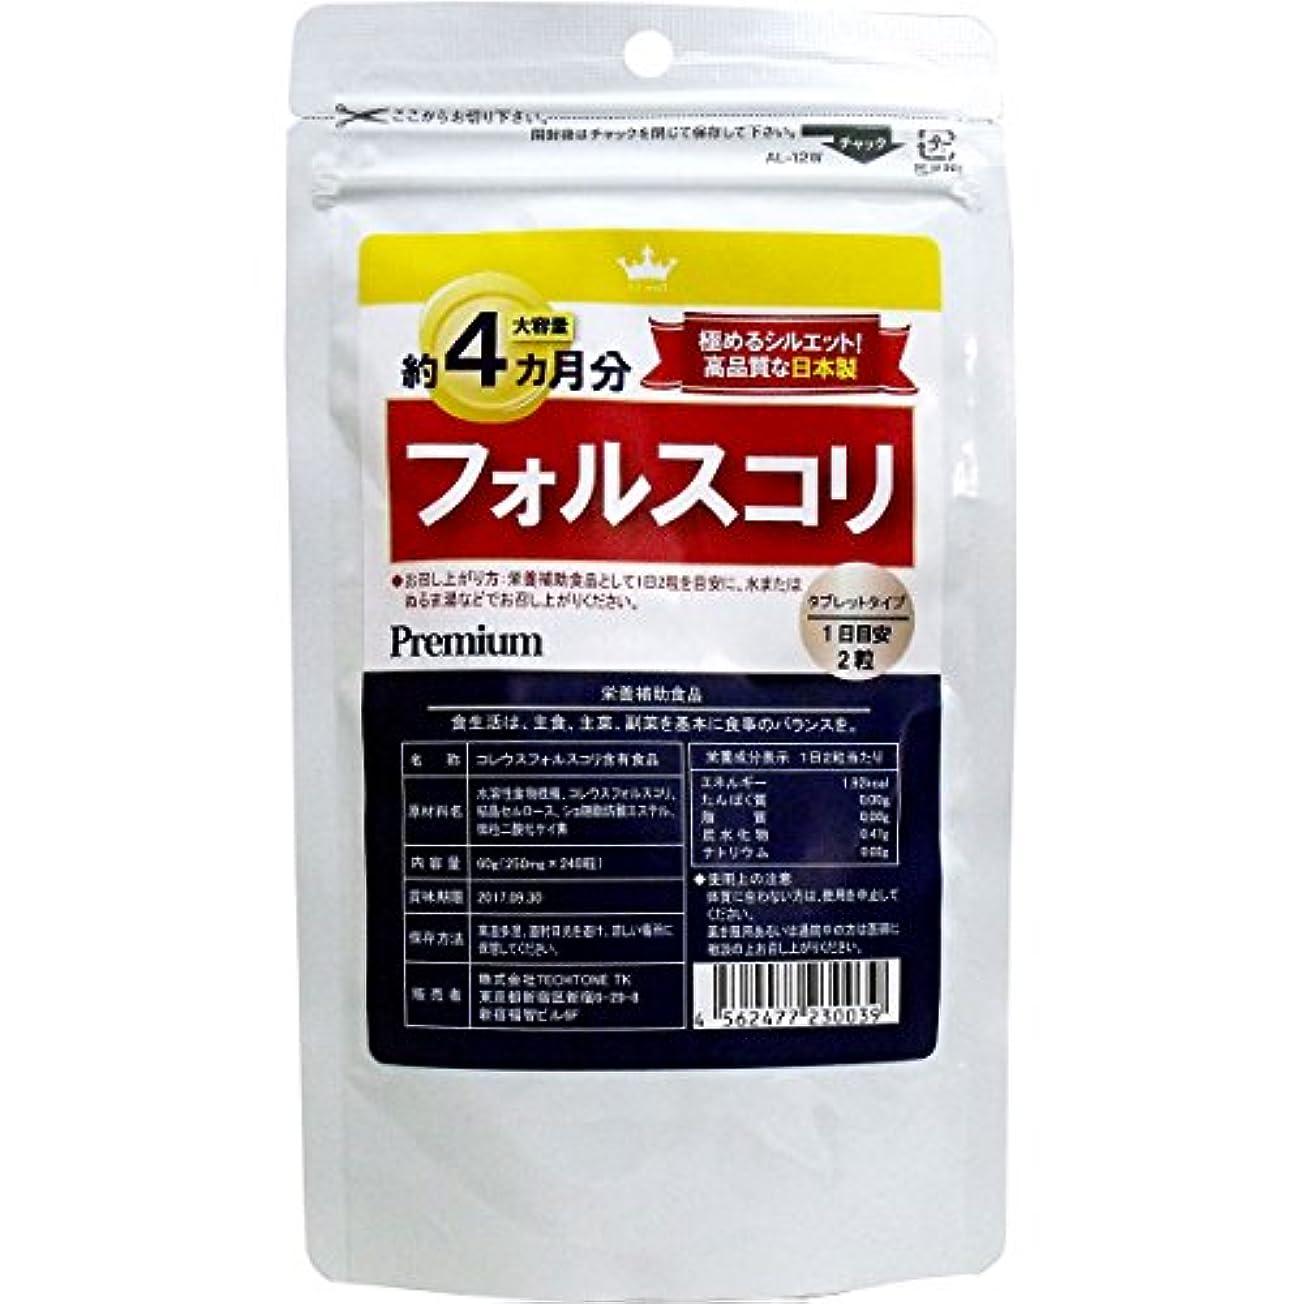 南文明化する気を散らすサプリ 高品質な日本製 話題の フォルスコリ 約4カ月分 240粒入【1個セット】